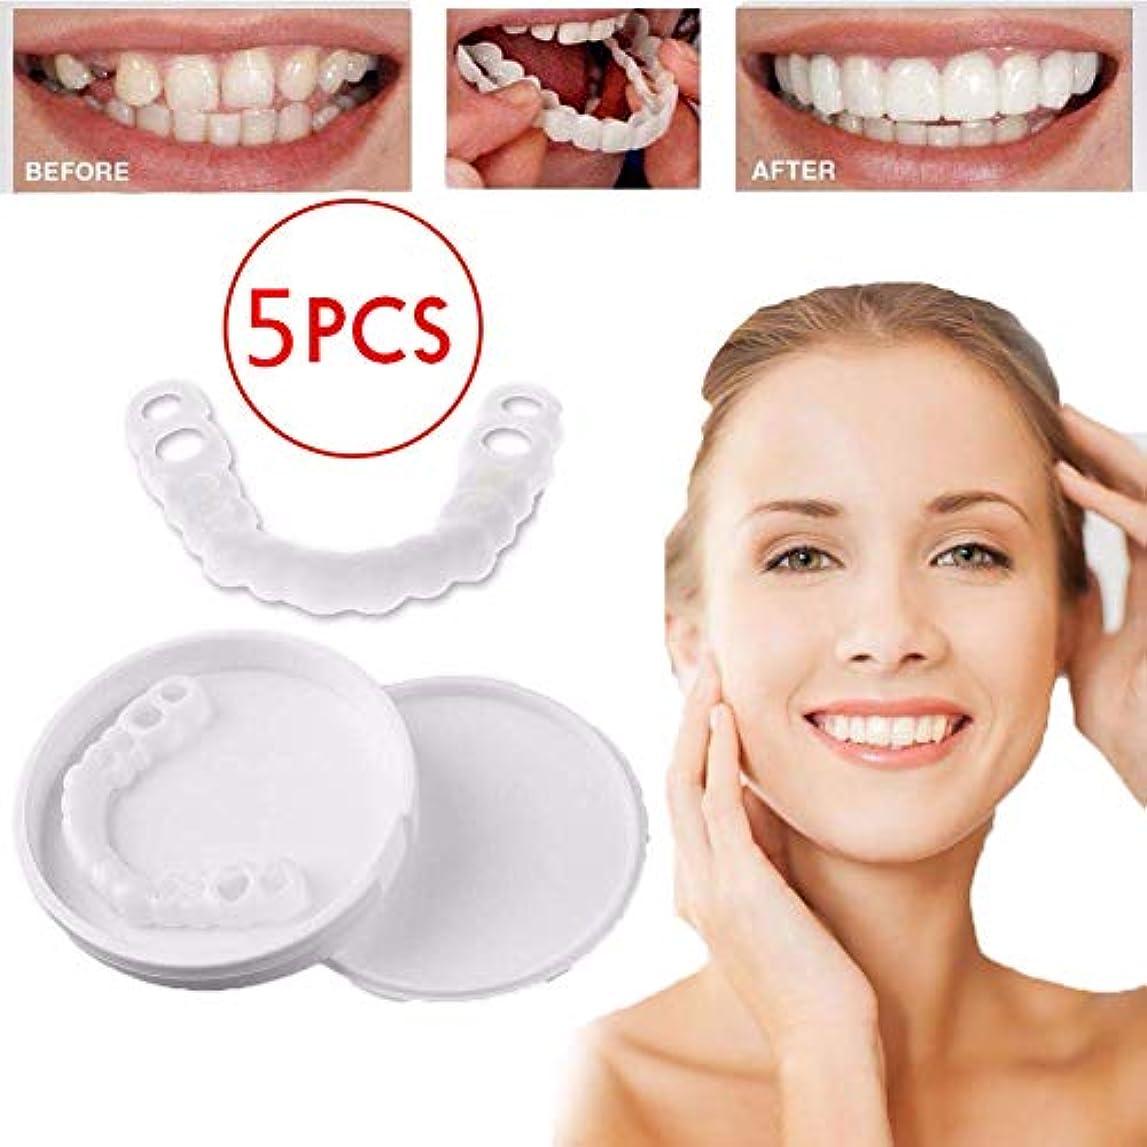 既に最適ポジションインスタント快適なフレックスパーフェクトベニアの歯のスナップキャップを白くする6個の一時的な歯,5pcslowerteeth